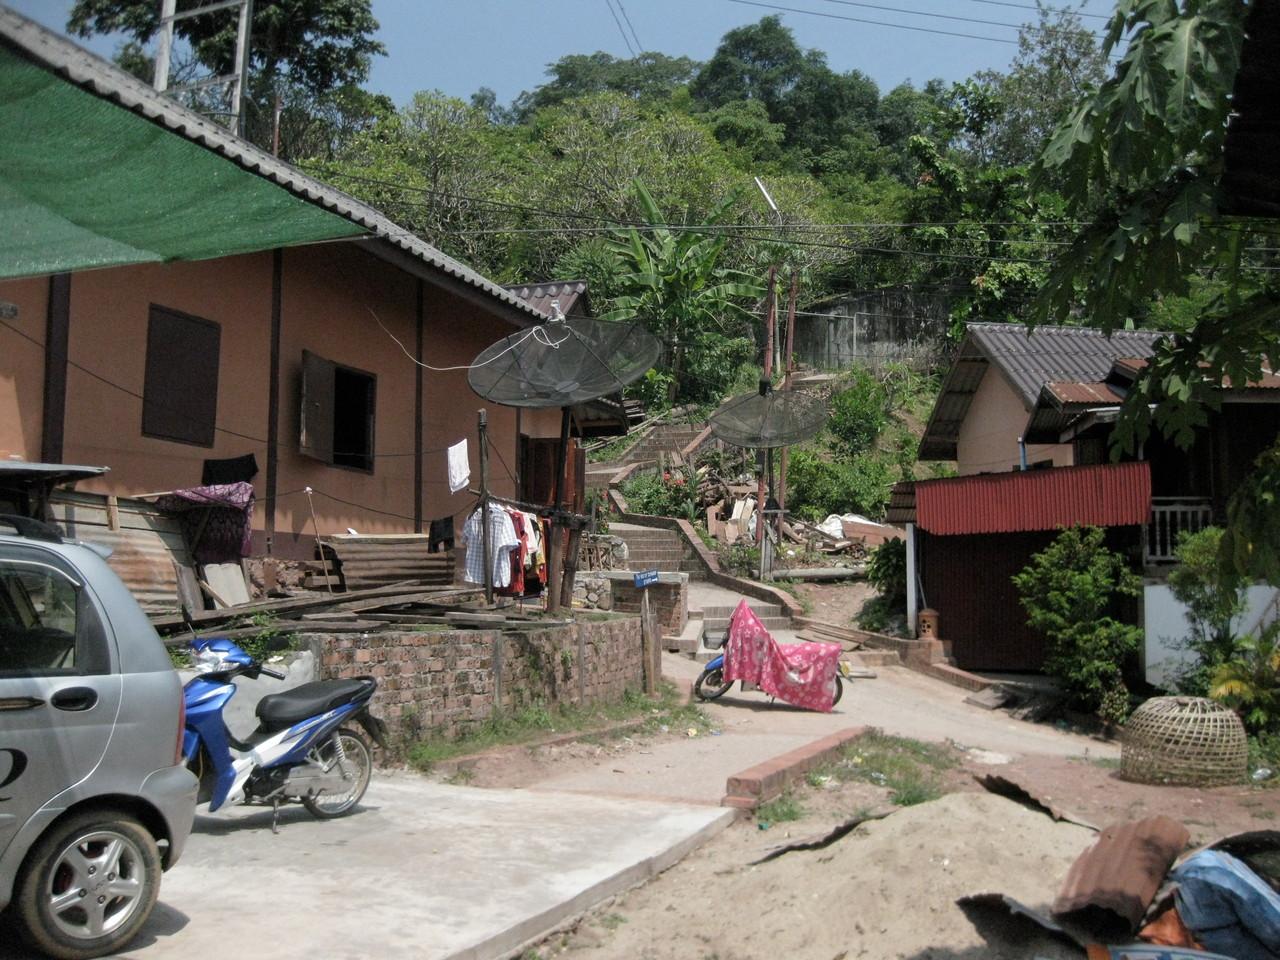 ルアンプラバーンの中心にあるプーシーの丘のふもとにある家々。